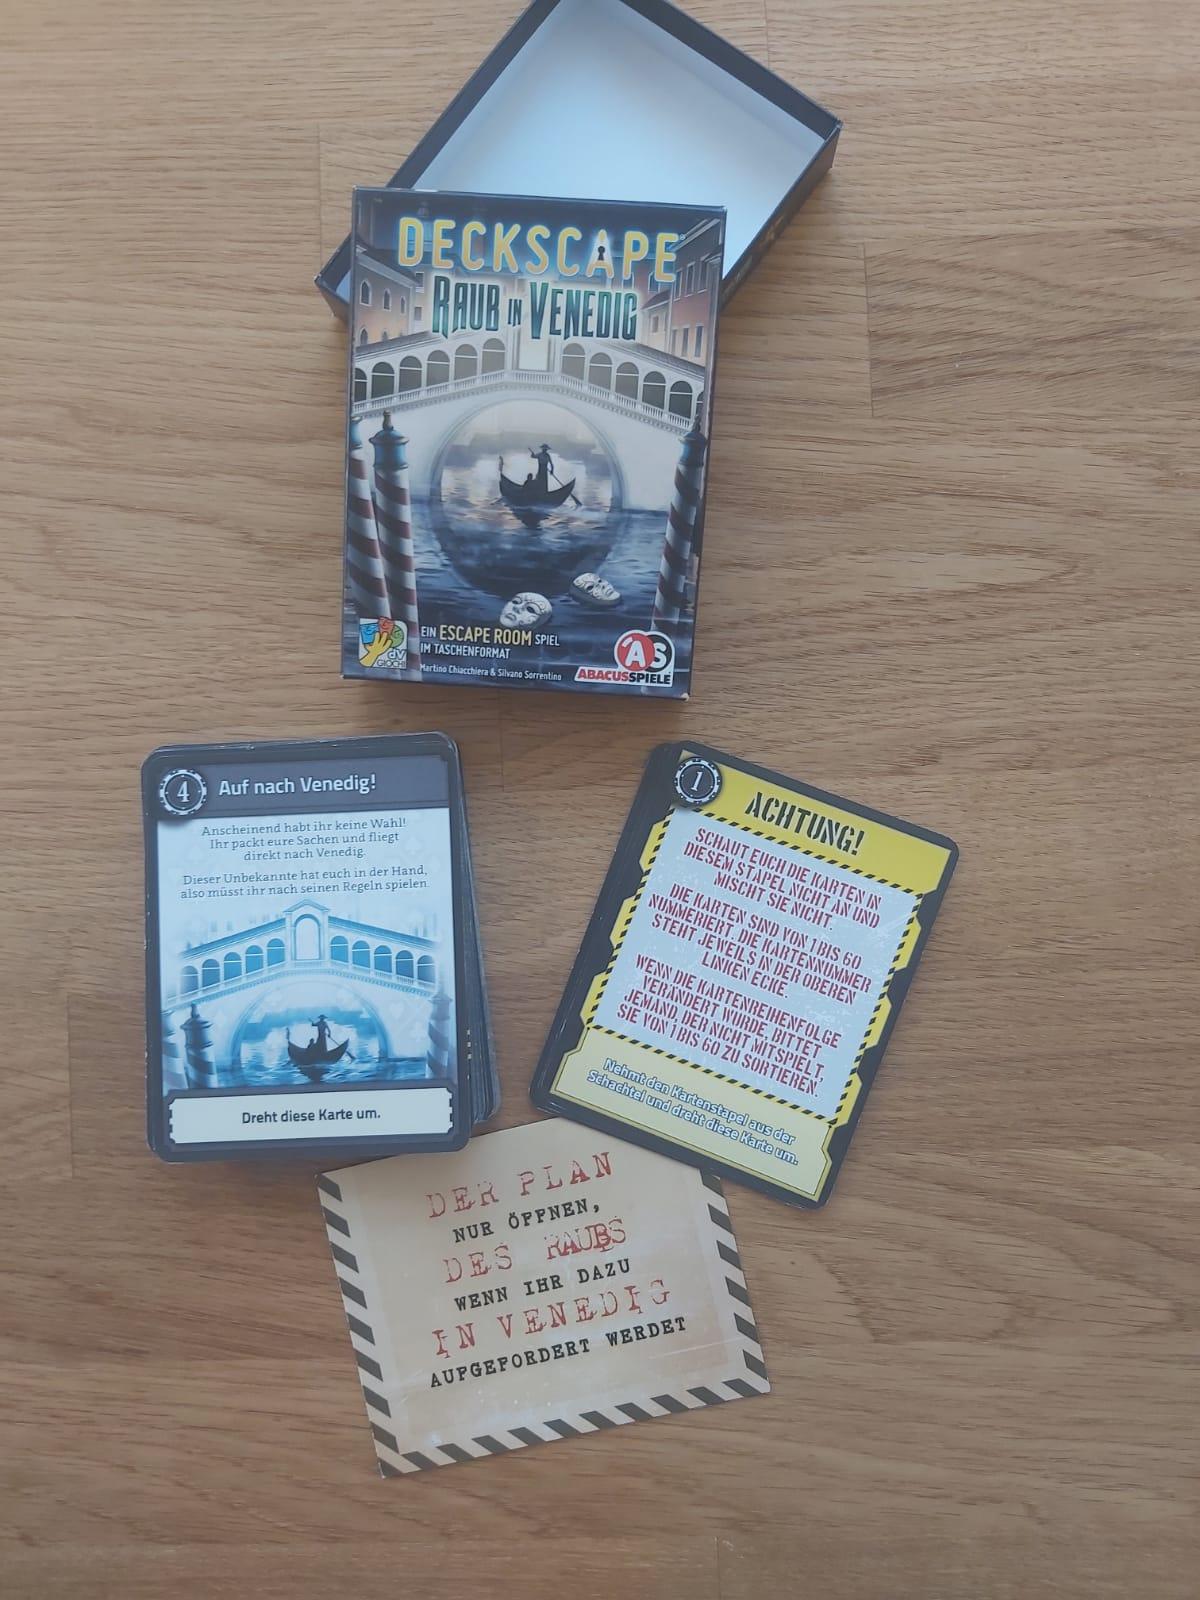 Zu sehen ist Deckscape - Raub in Venedig samt Spielmaterial